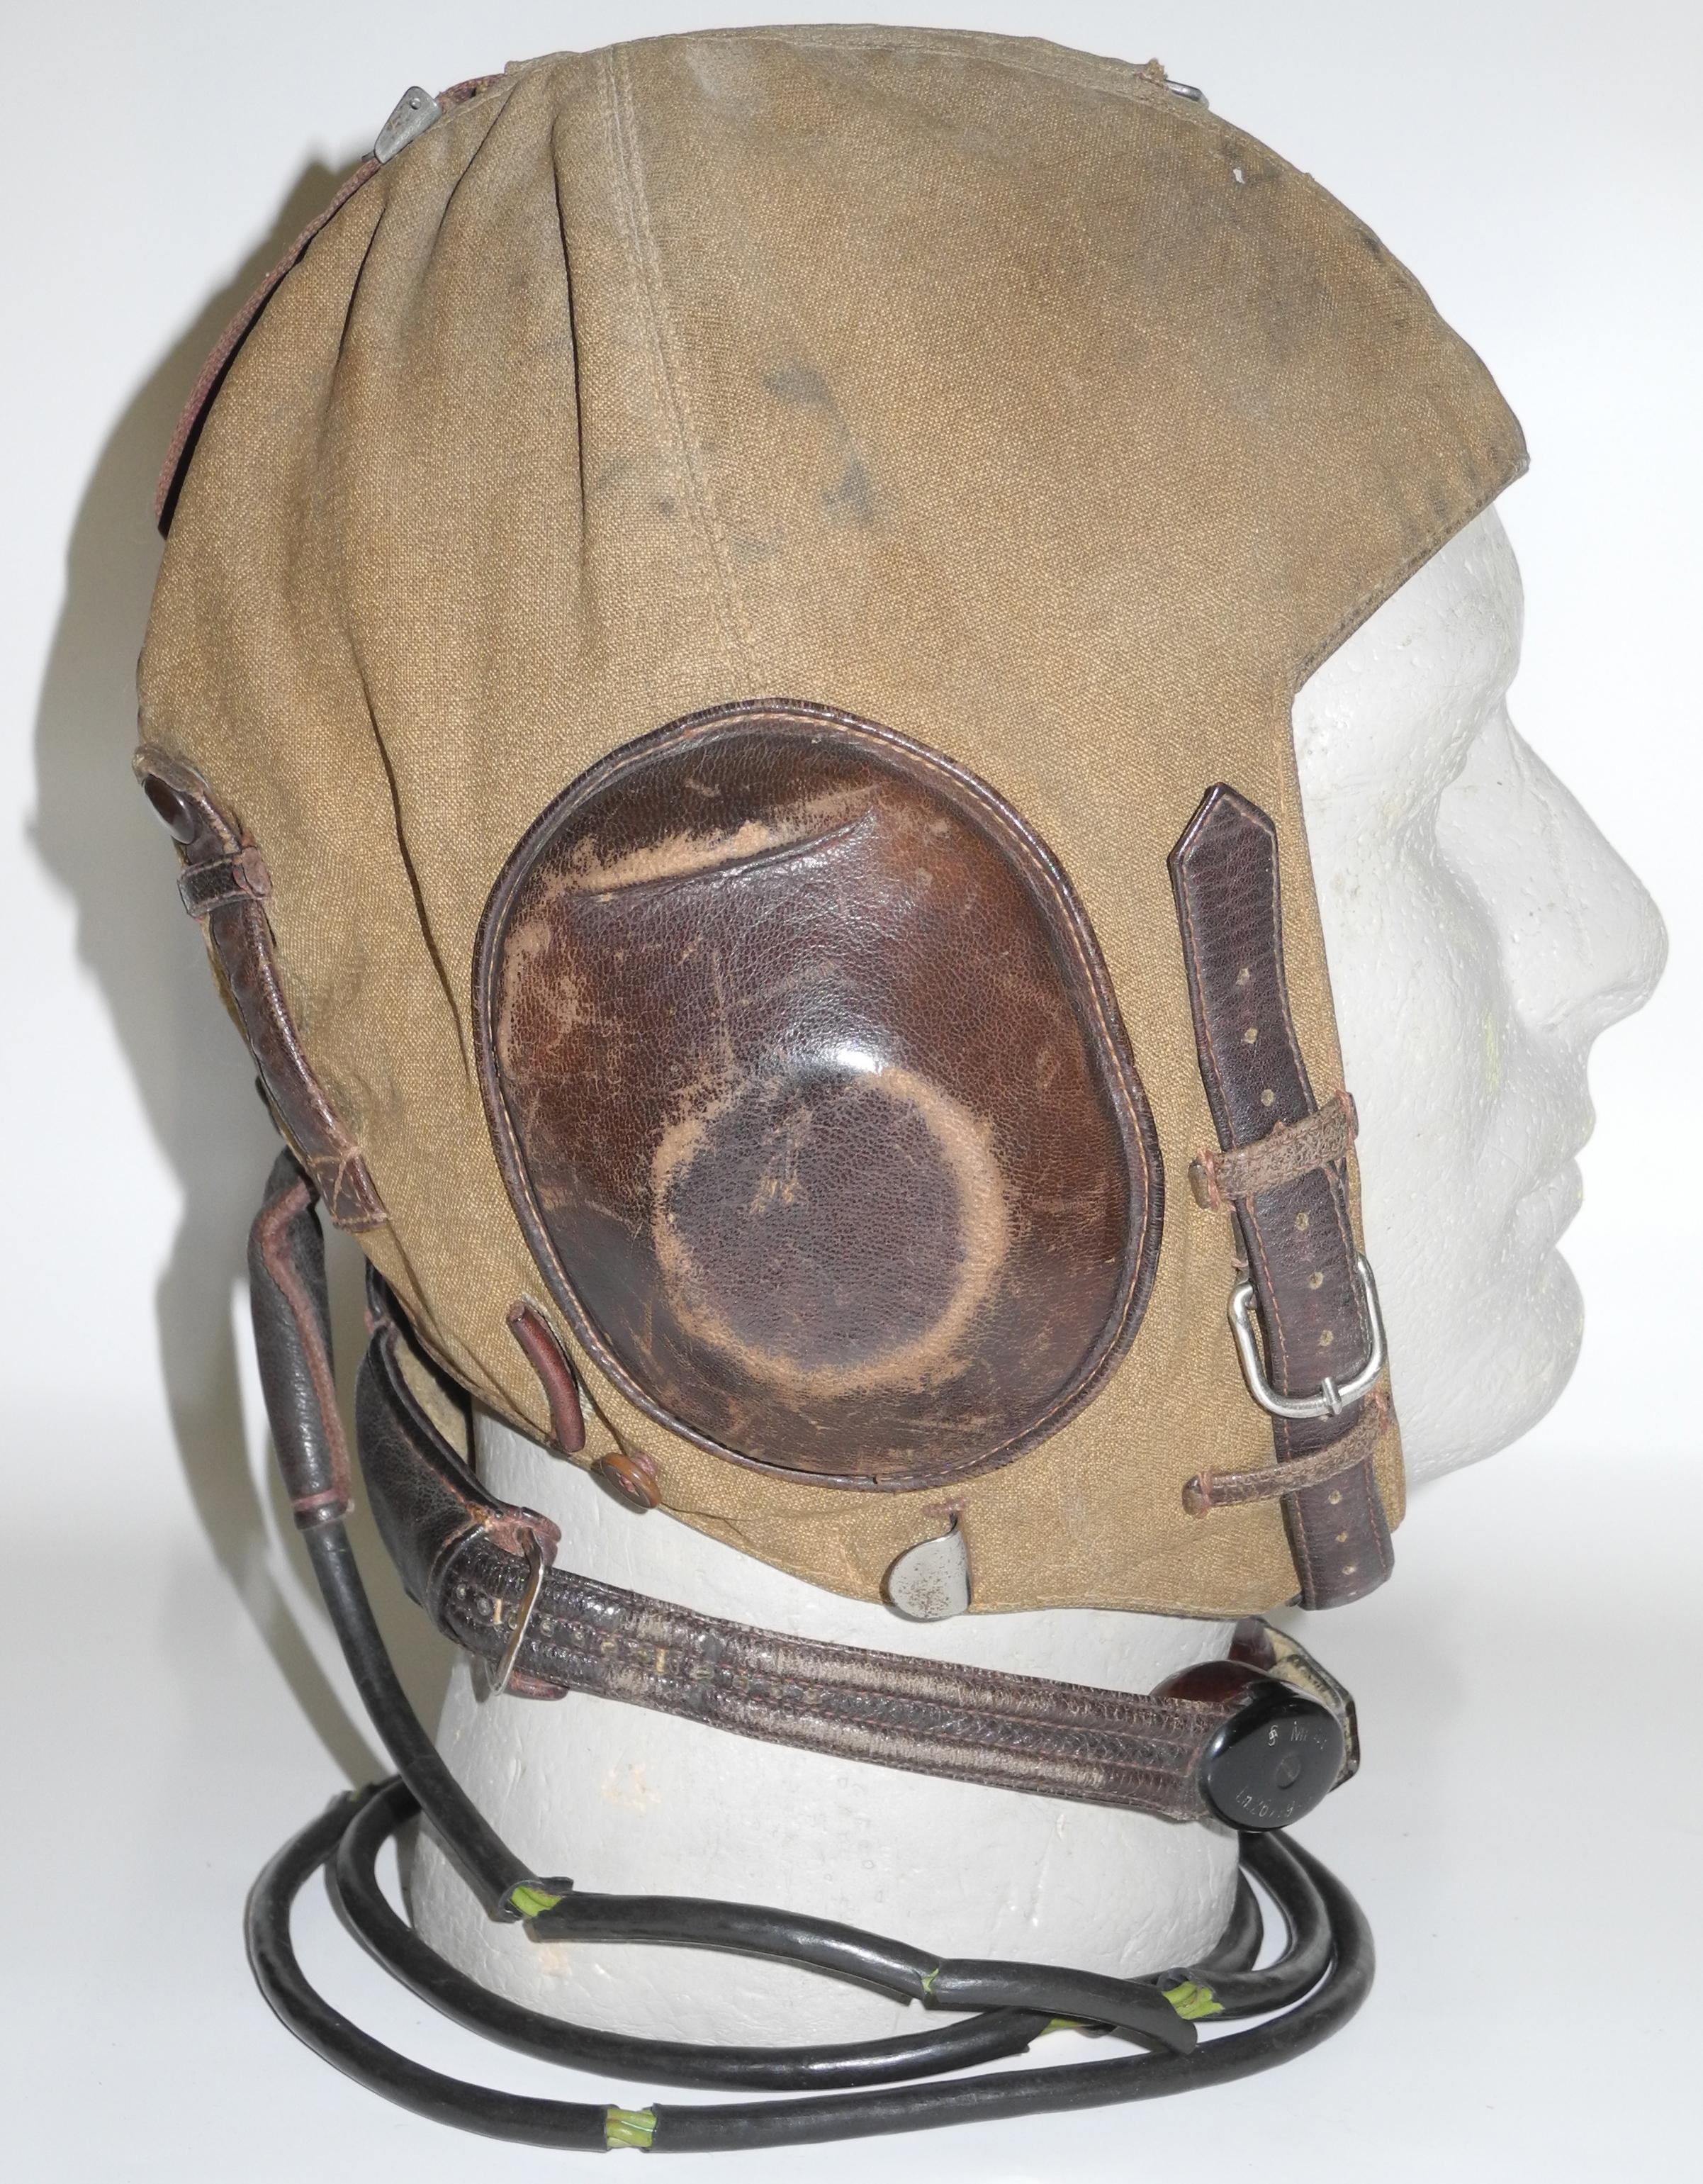 LW LKpS101 summer flying helmet5047